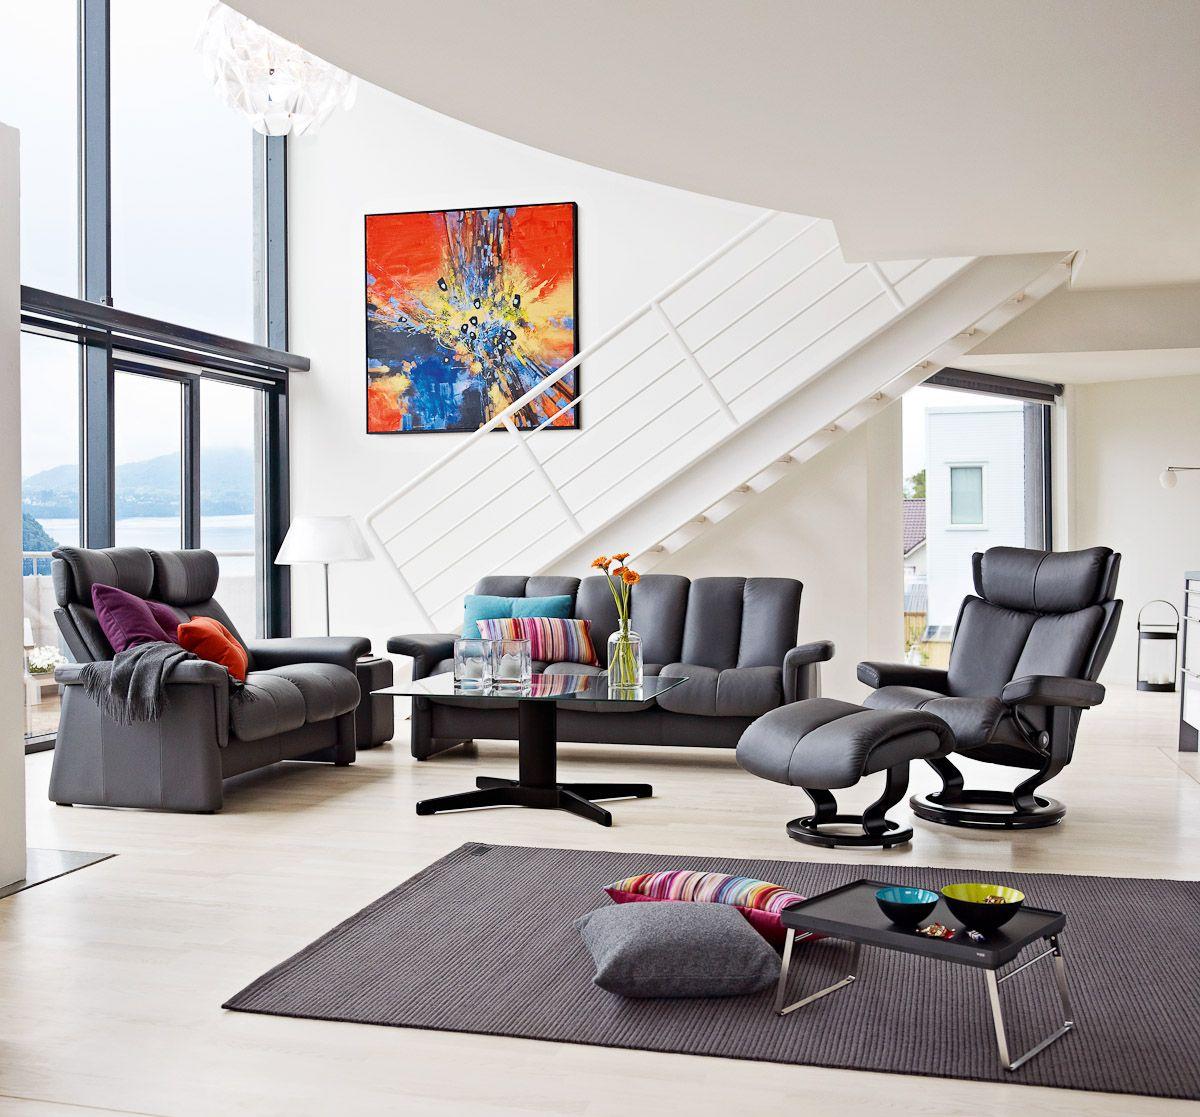 stressless legend living in leather pinterest. Black Bedroom Furniture Sets. Home Design Ideas